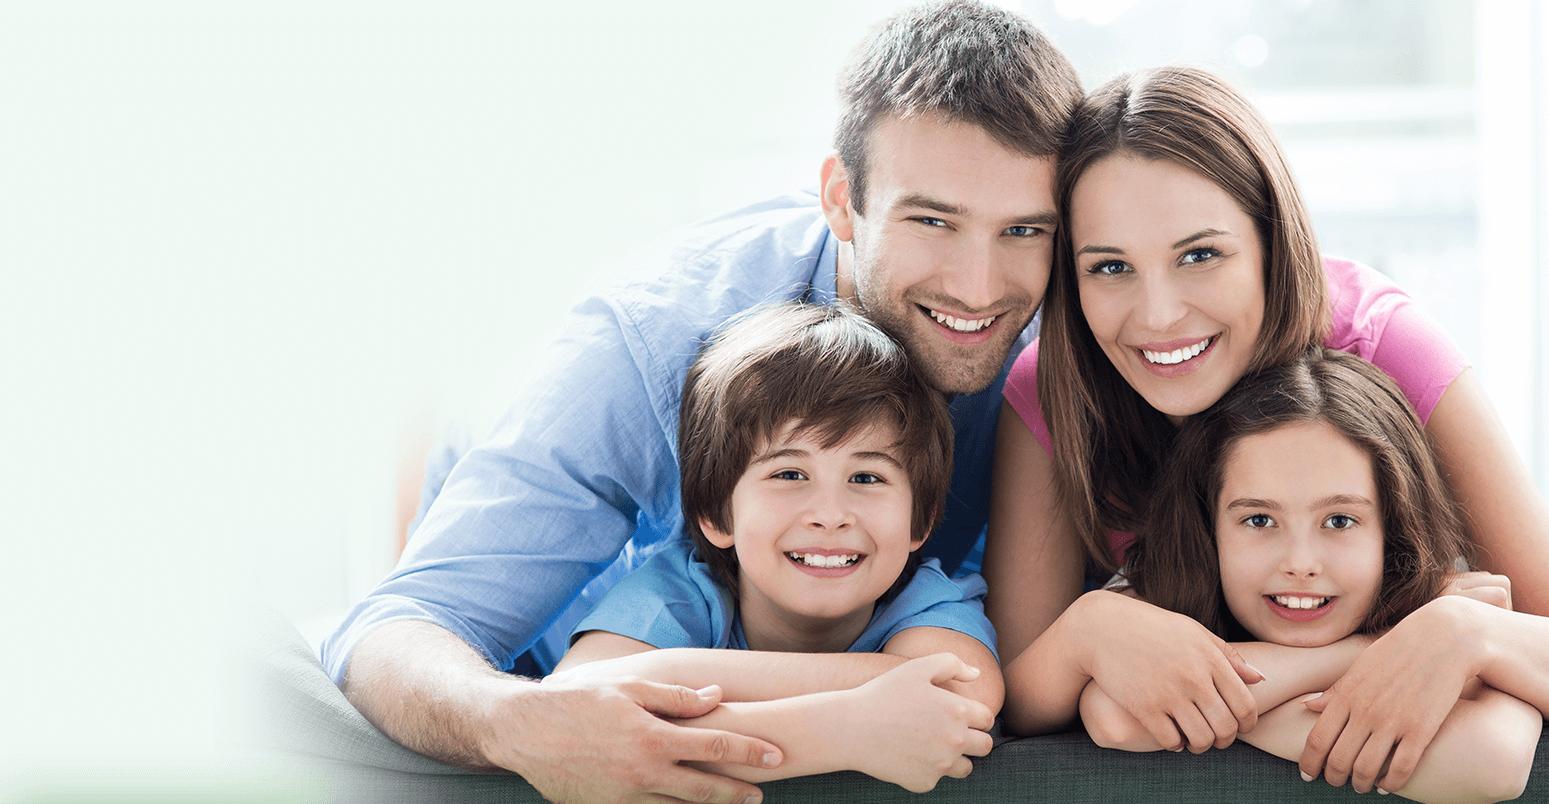 zdjęcie szczęśliwej rodziny jako tło slajdu